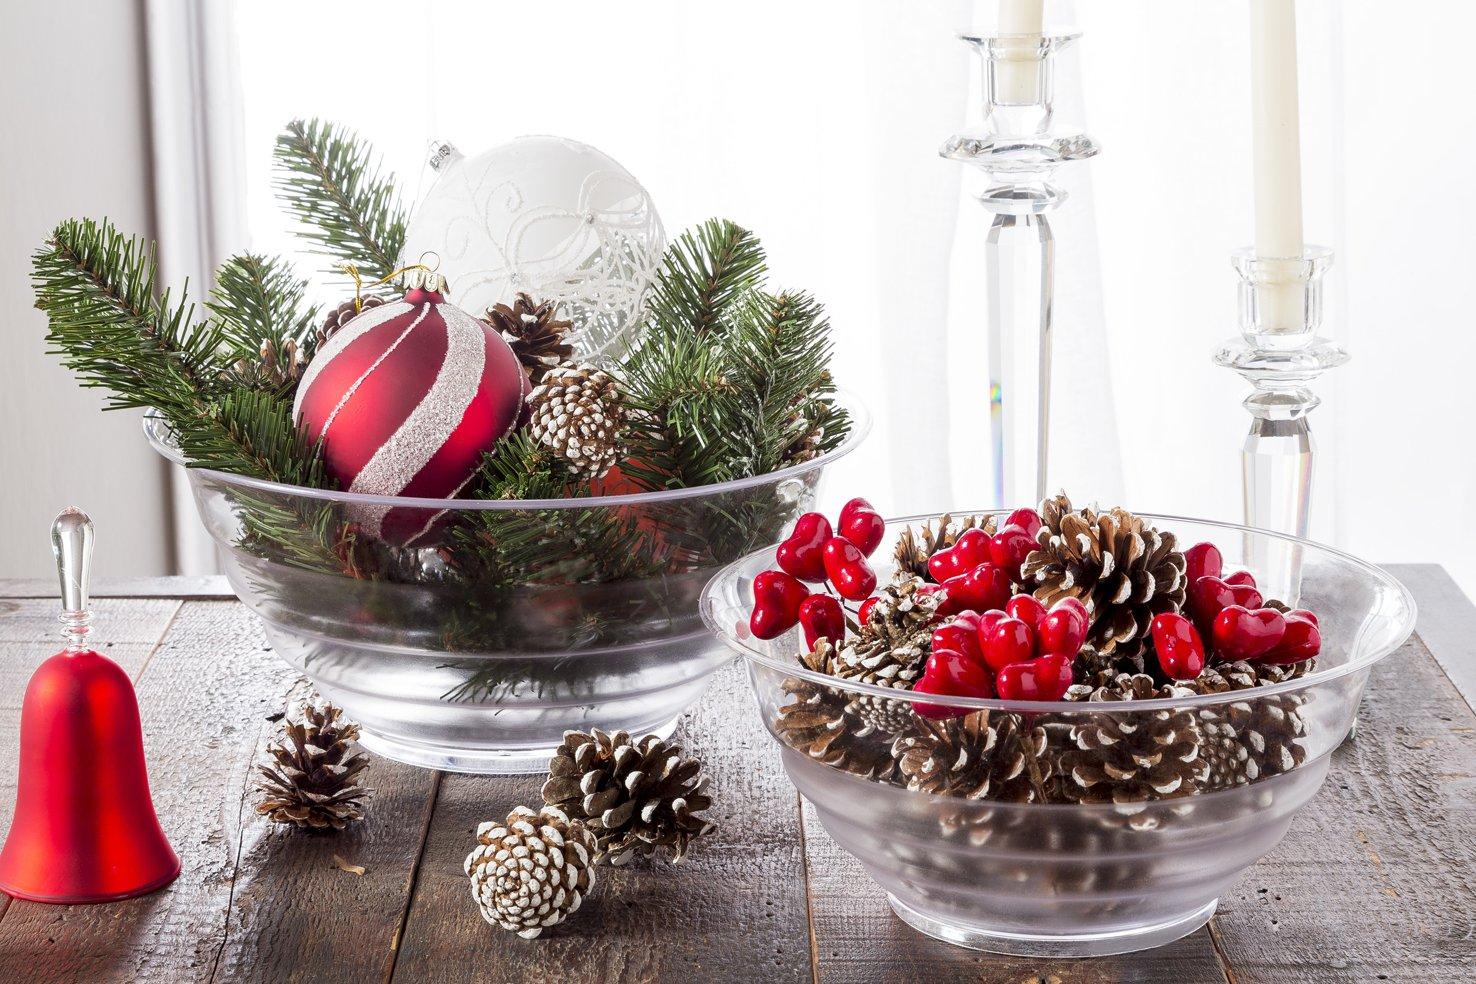 Bienaim Albero Di Natale E Decorazioni Crea Una Magica Atmosfera Cose Zi  With Come Creare Addobbi Natalizi.